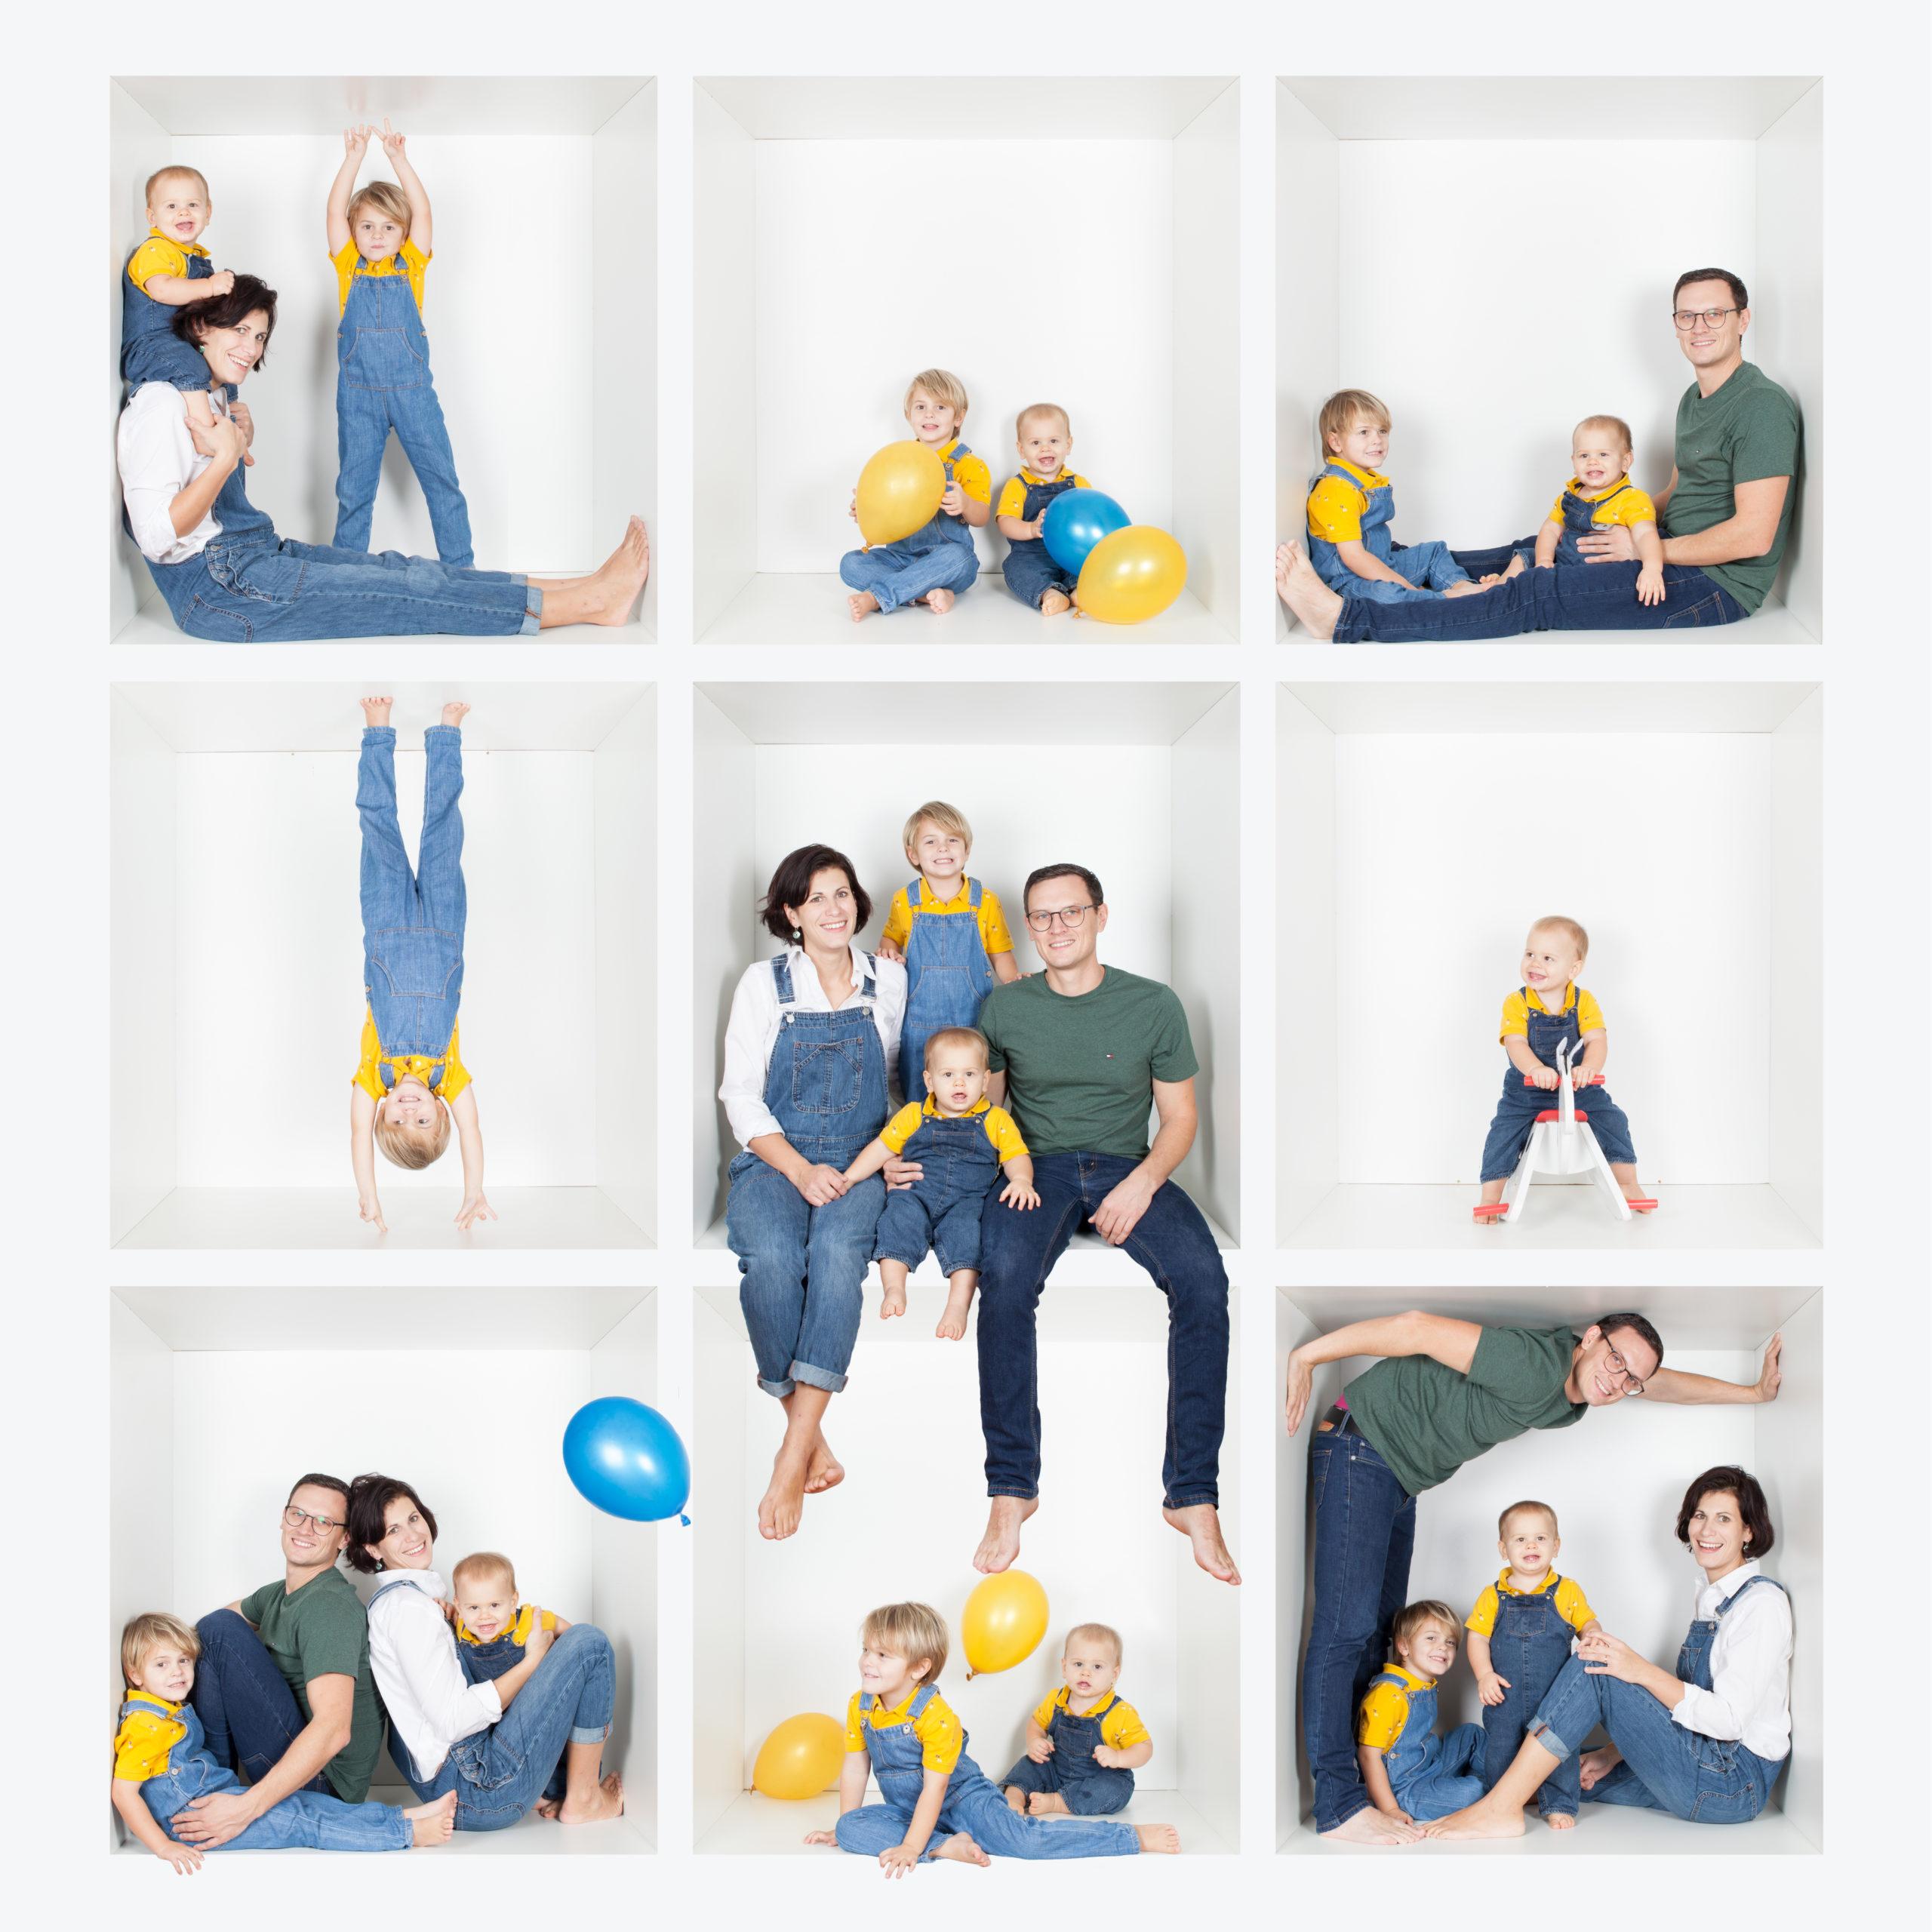 Séance en famille réalisée en effectuant un montage de 9 photos afin de créer une seule photo